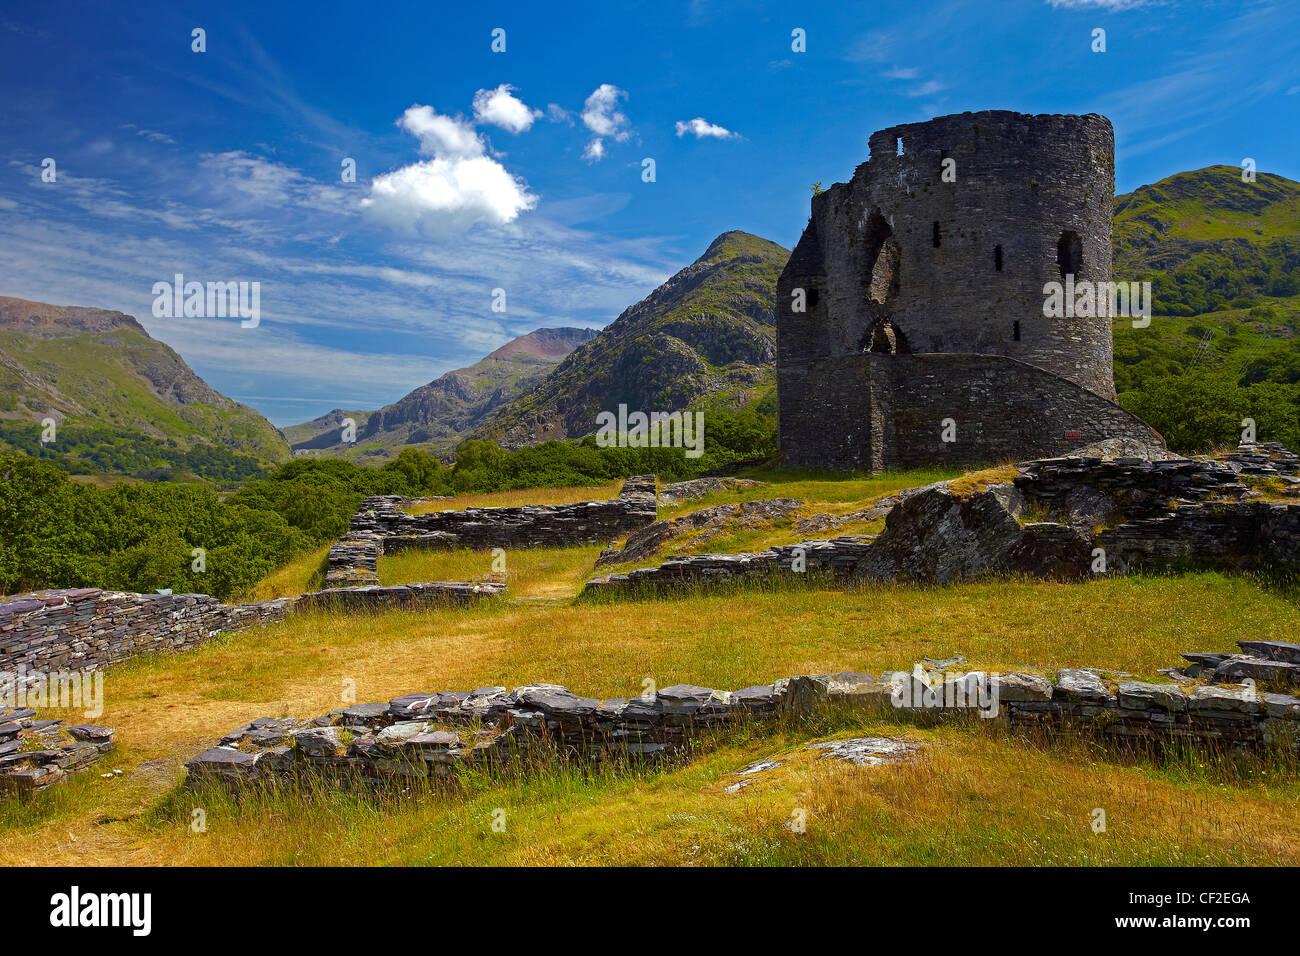 Dolbadarn Castle, un castillo del siglo XIII construido por Llywelyn ap Iorwerth (Llywelyn el Grande) para evitar Foto de stock